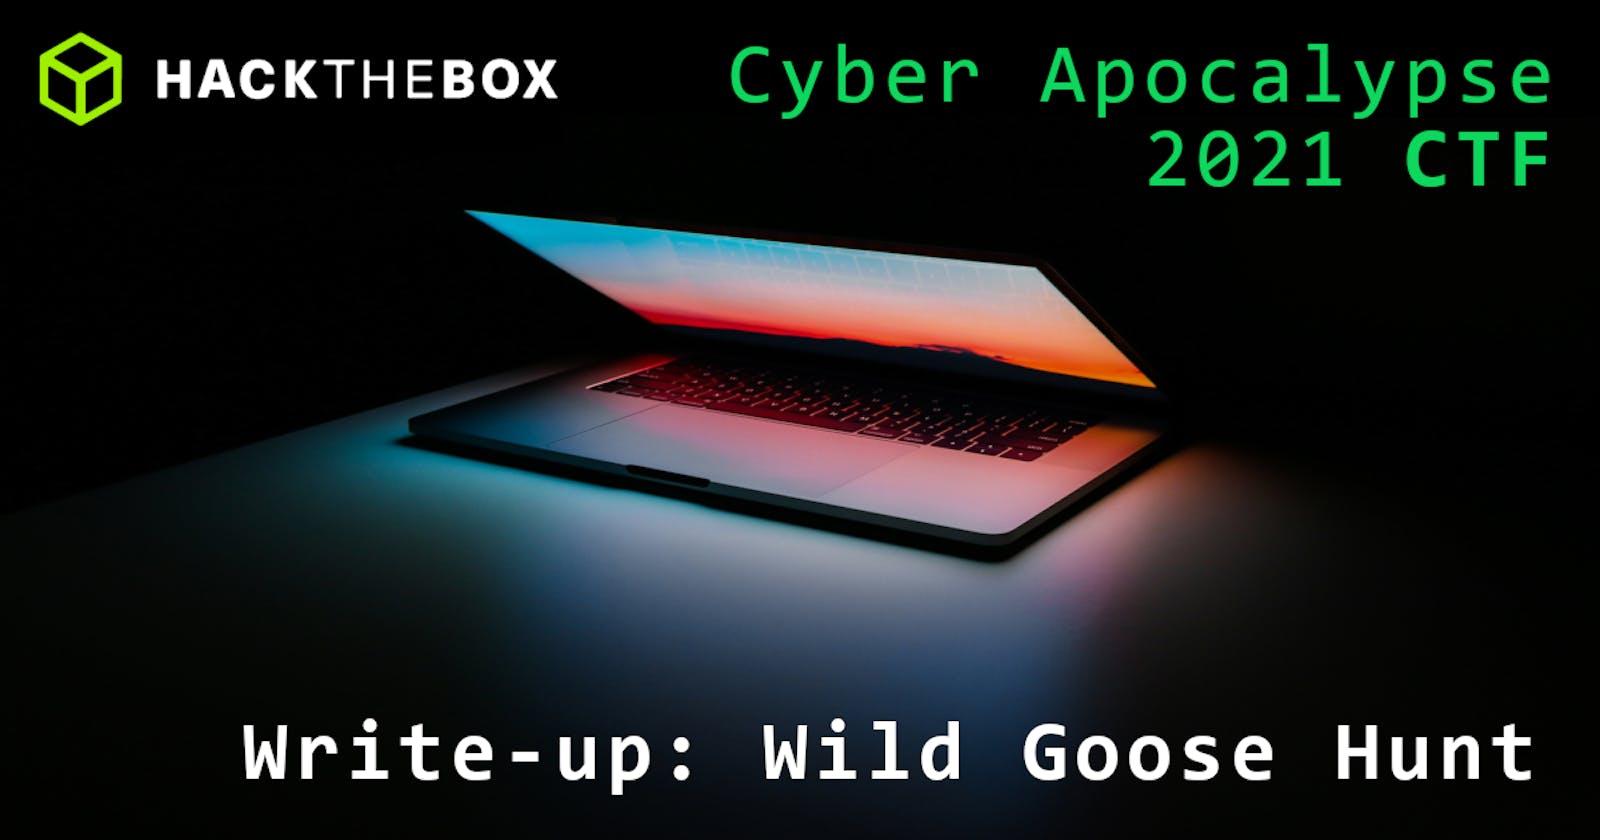 Cyber Apocalypse 2021: Wild Goose Hunt